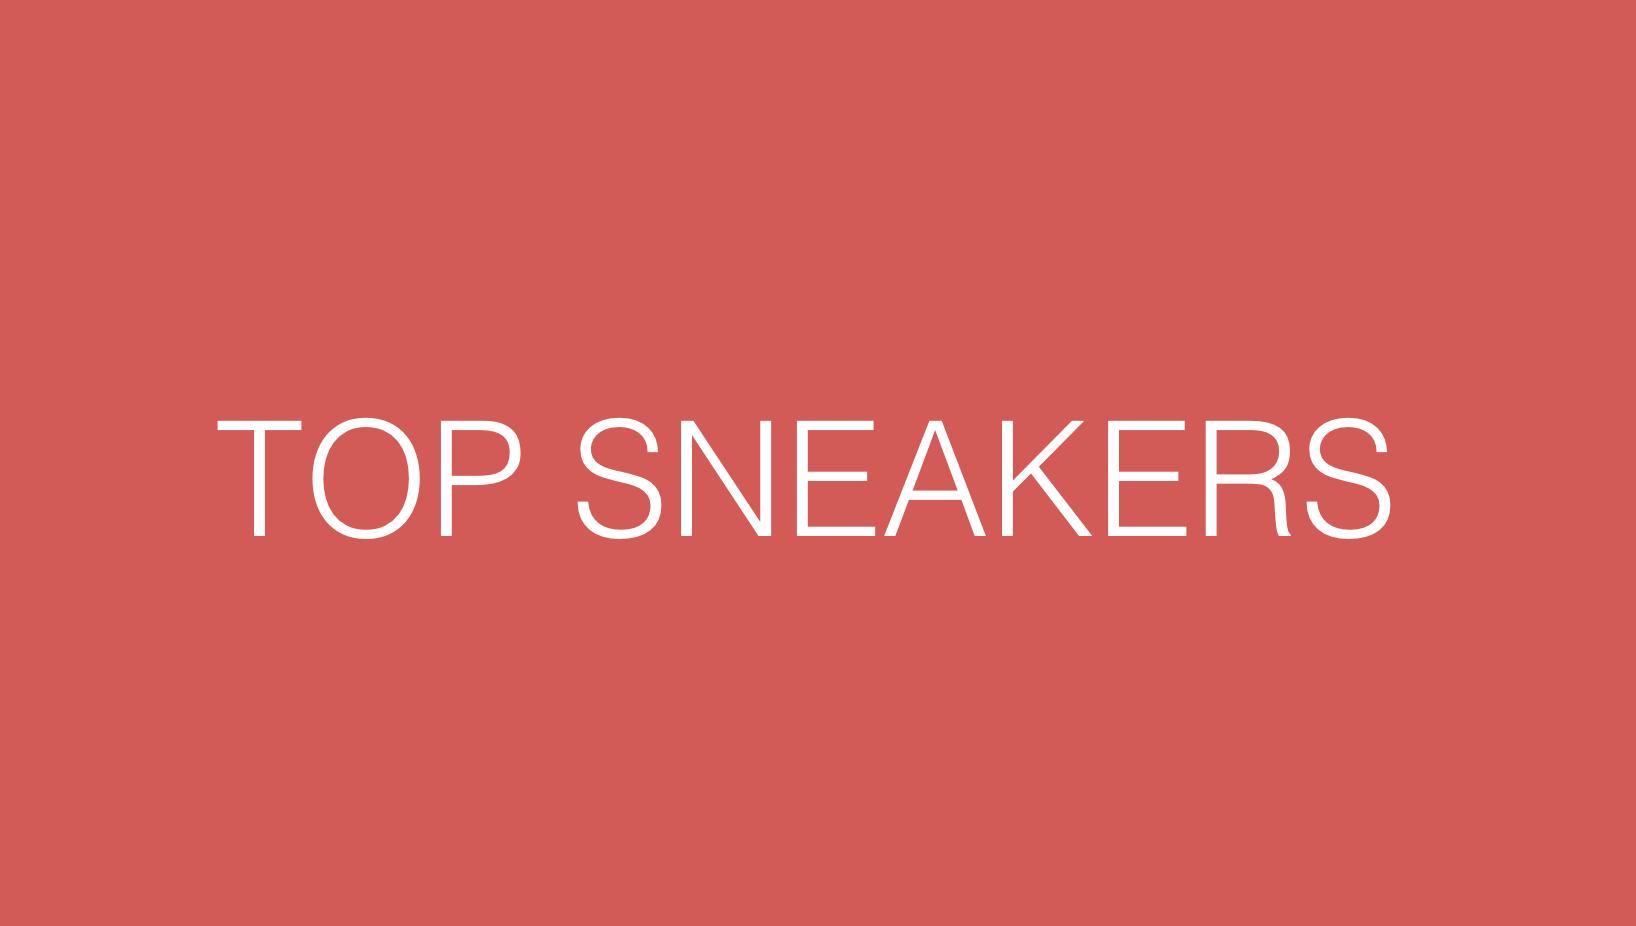 Mesdemoiselles, voici la sélection sneakers de votre été !